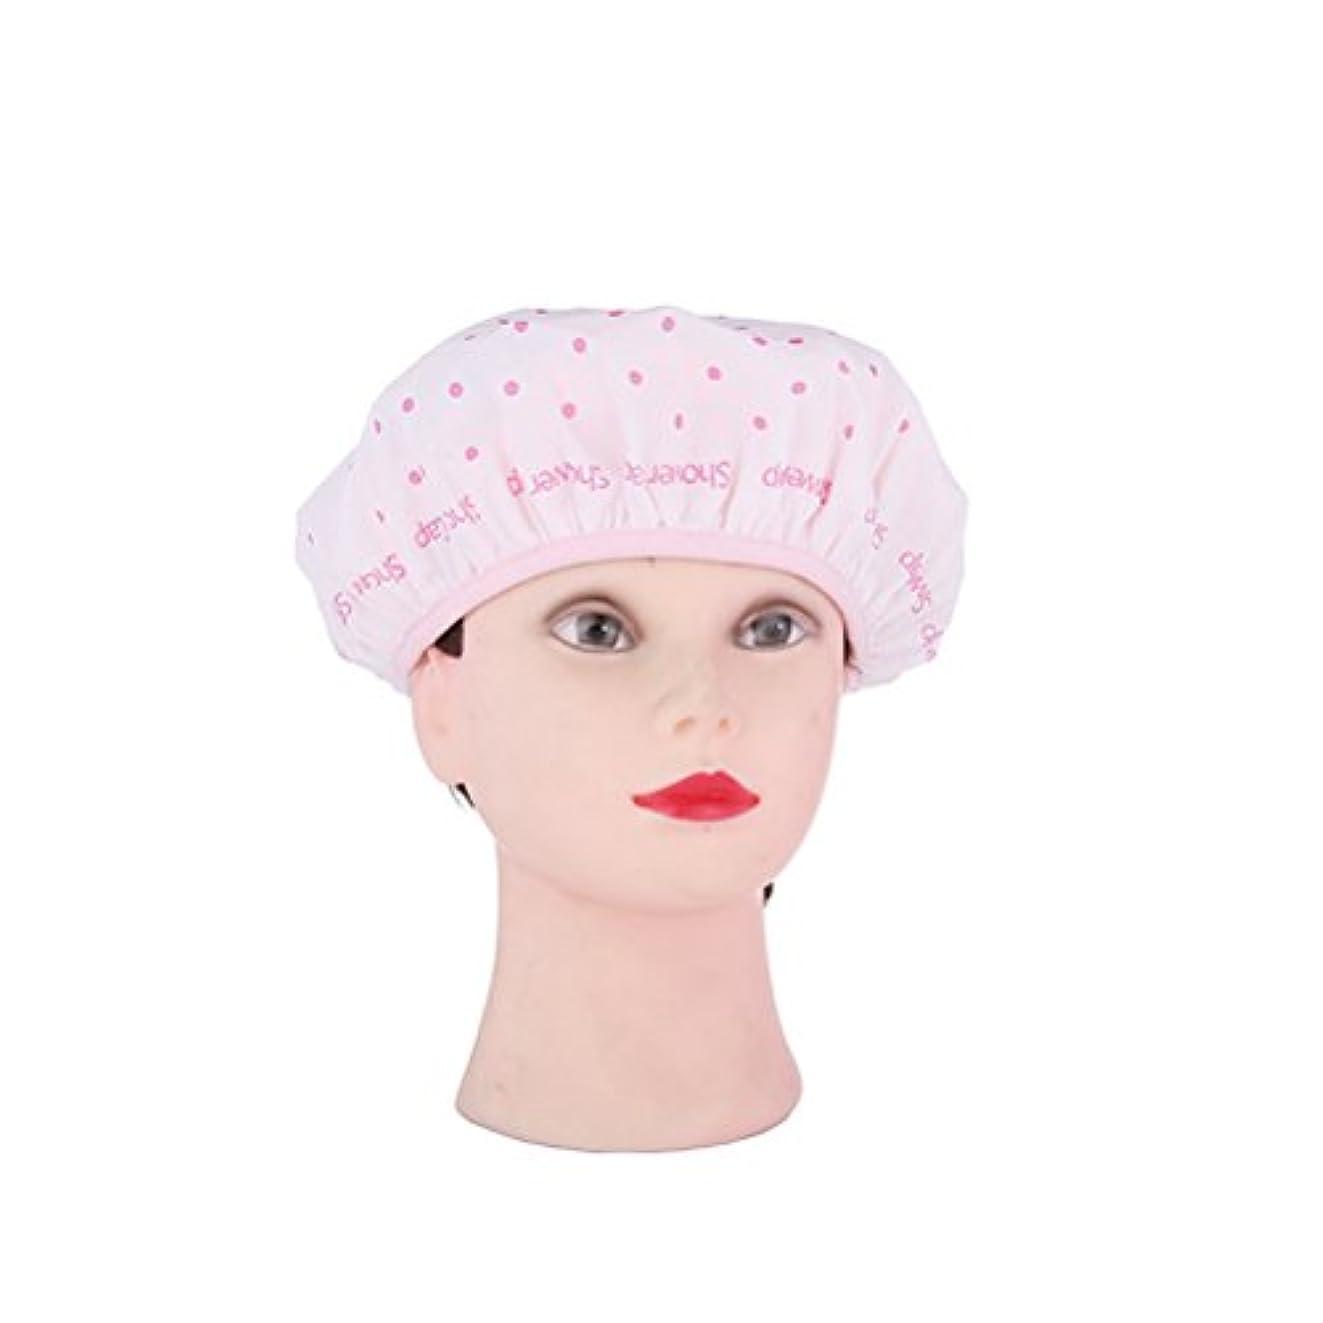 分類する職人メディアHEALLILY シャワーの帽子女性の子供のための防水シャワーの帽子のBathのシャワーの毛の帽子